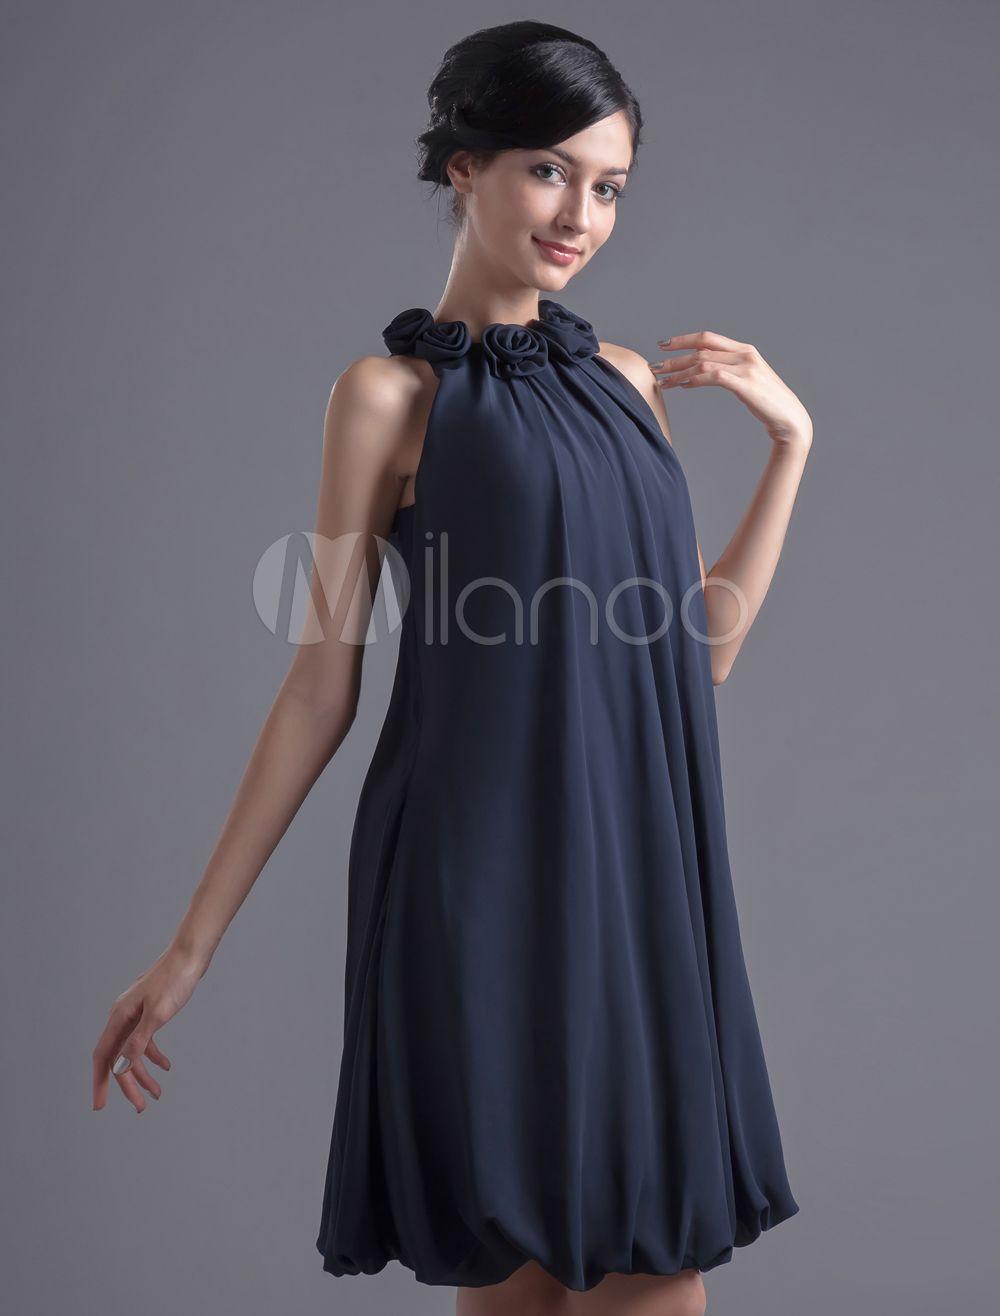 robe de cocktail bleue marine fonc e avec fleur robes pour. Black Bedroom Furniture Sets. Home Design Ideas